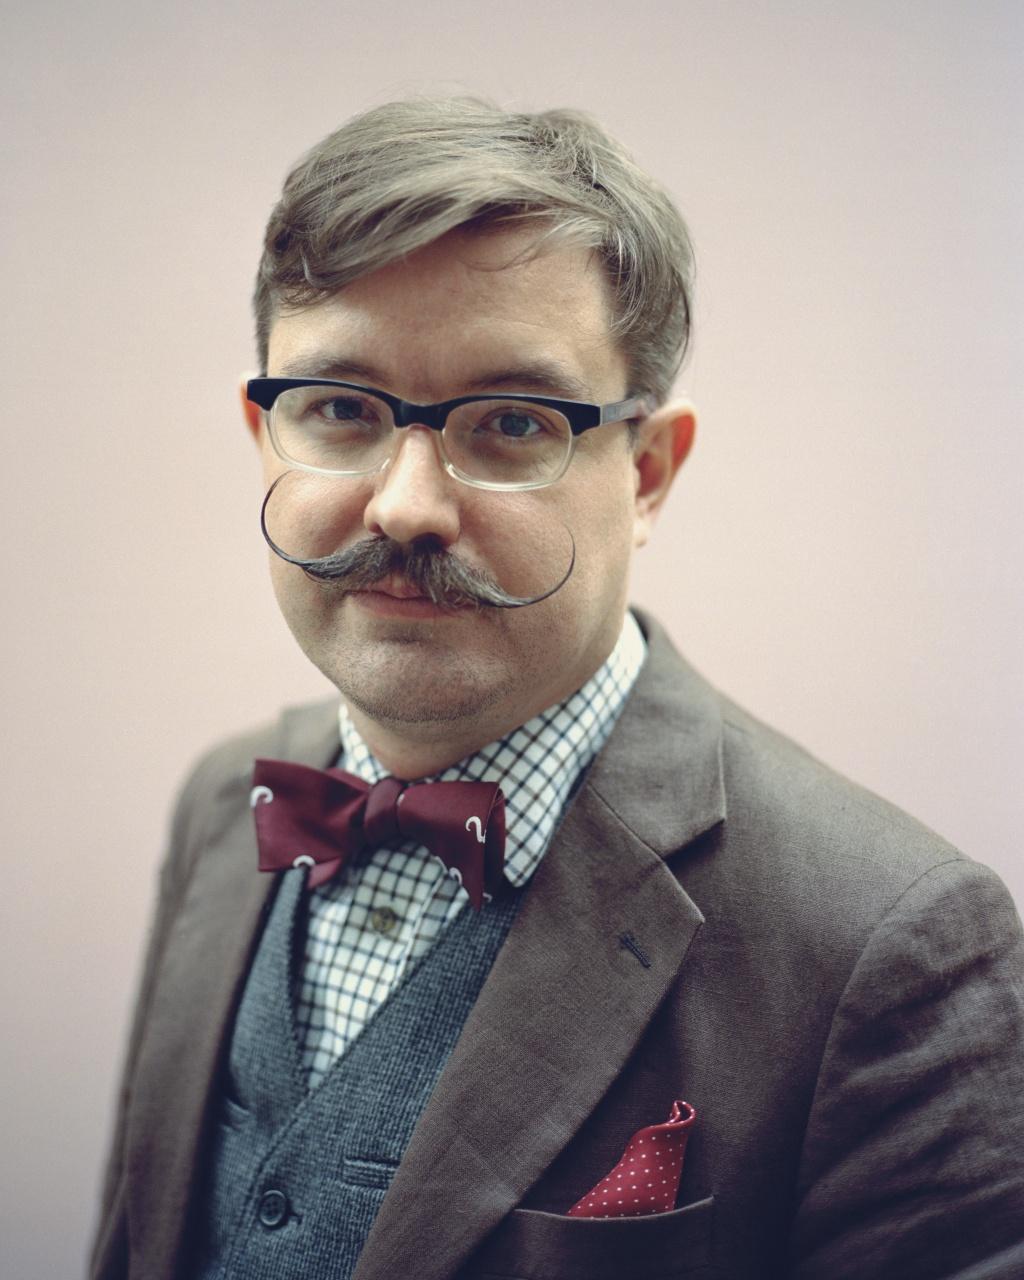 The Gentlemen's moustache club